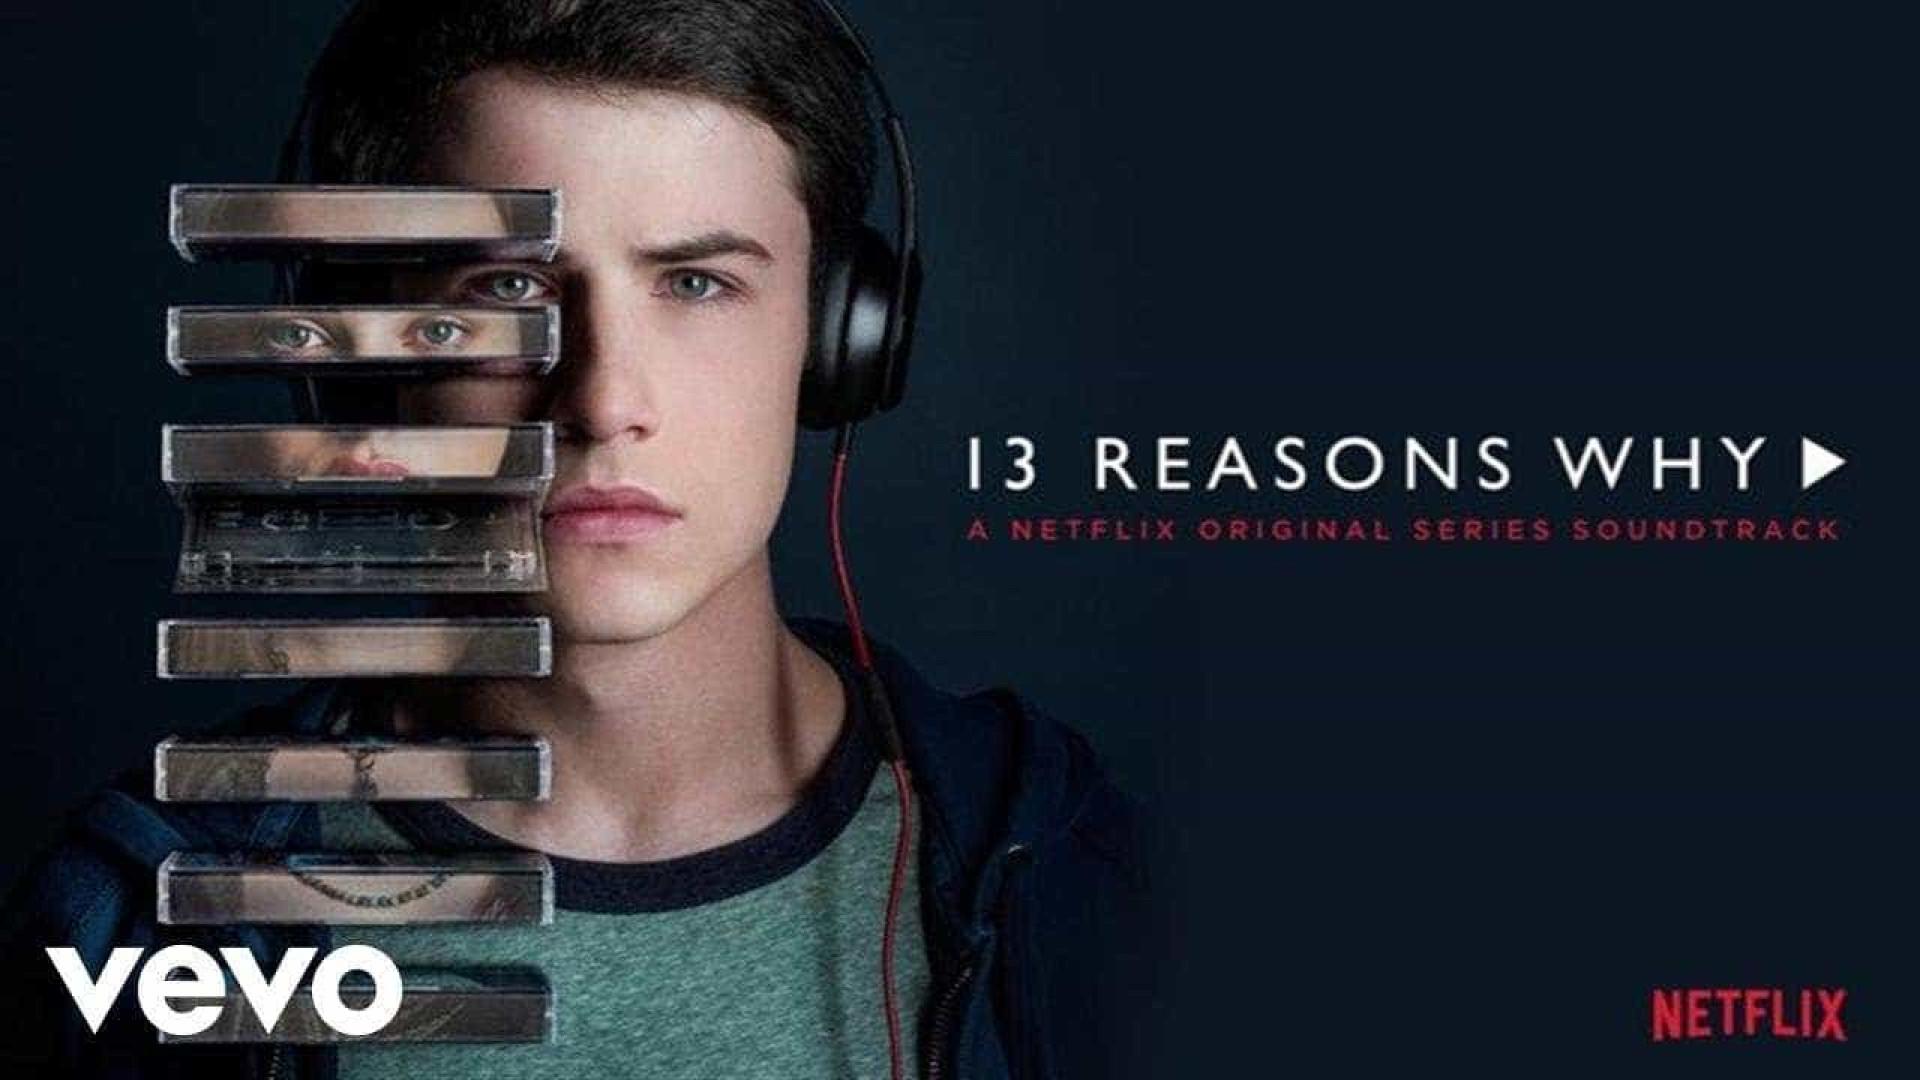 Jovem suicida-se e deixa gravações ao estilo da série '13 Reasons Why'